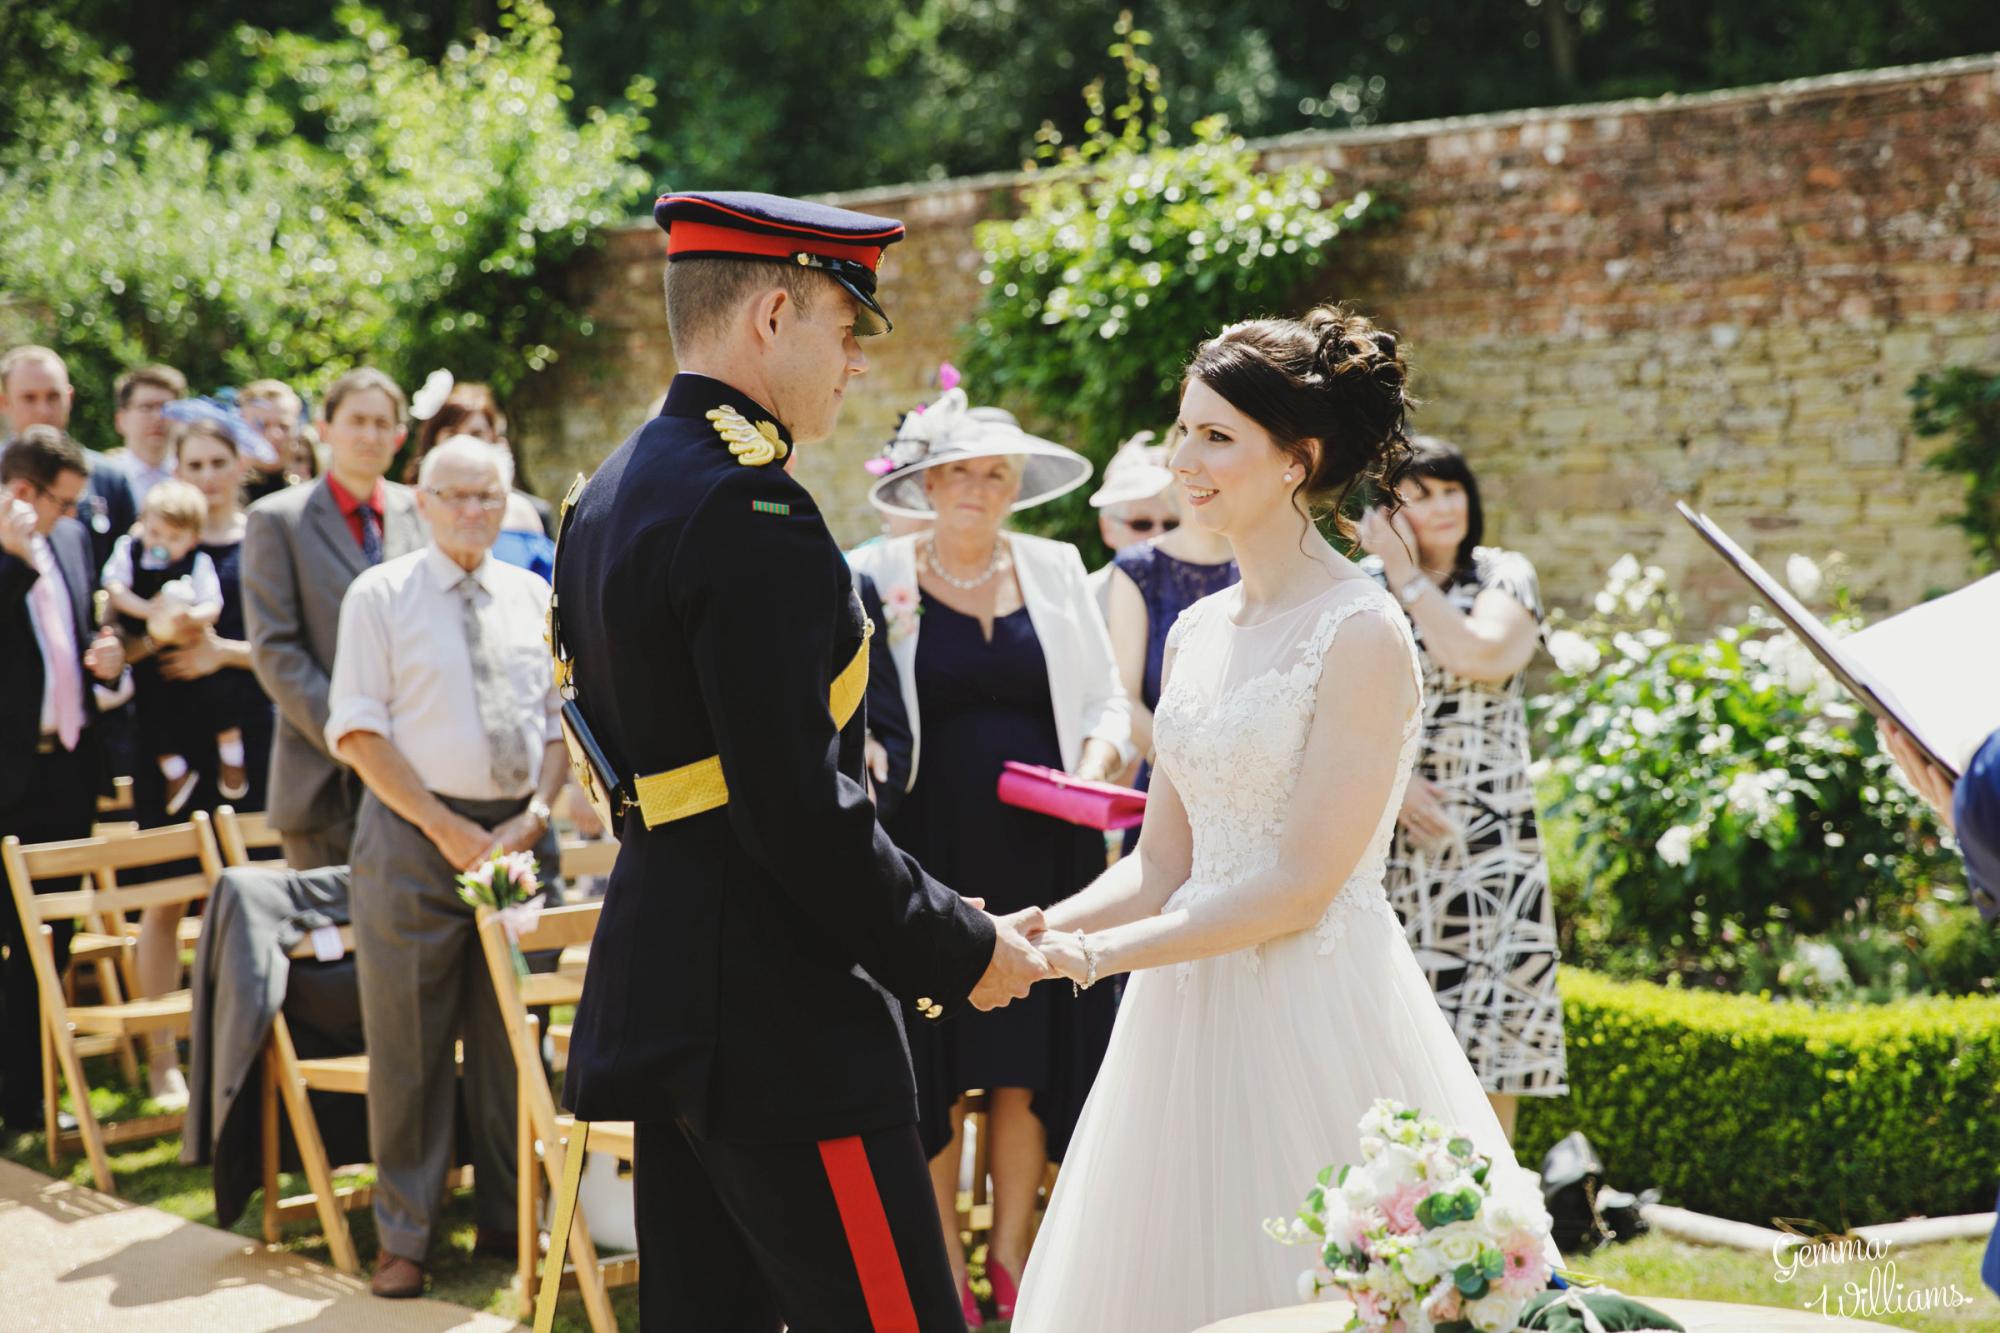 GemmaWilliamsPhotography_Weddings2018_0325.jpg